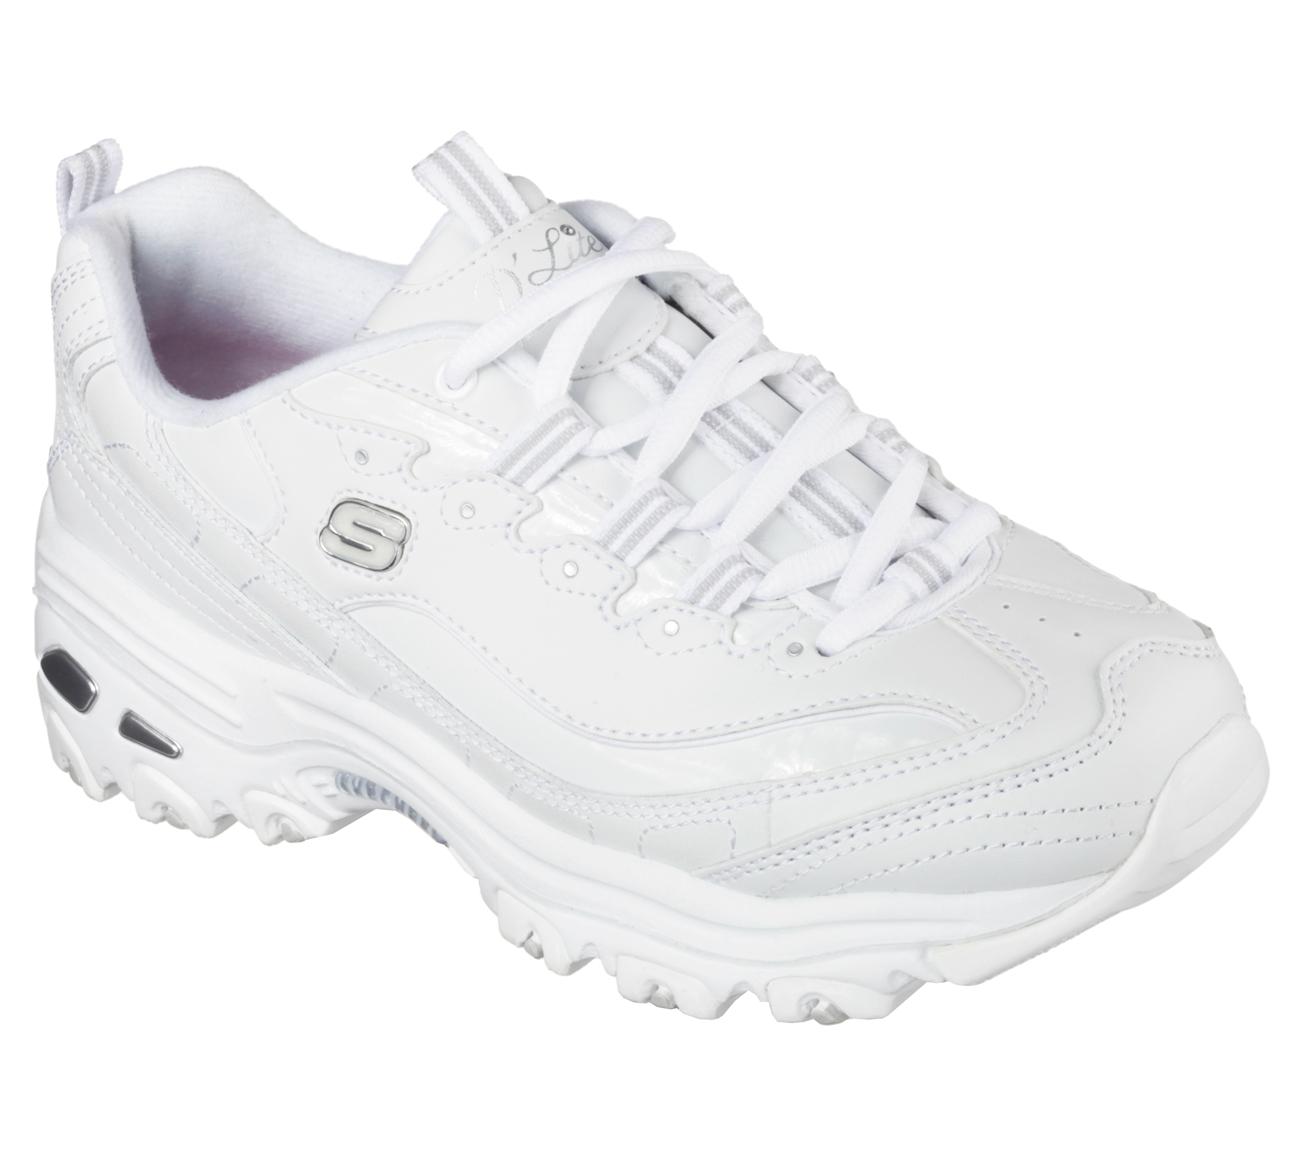 buy skechers d 39 lites dream bright d 39 lites shoes only. Black Bedroom Furniture Sets. Home Design Ideas